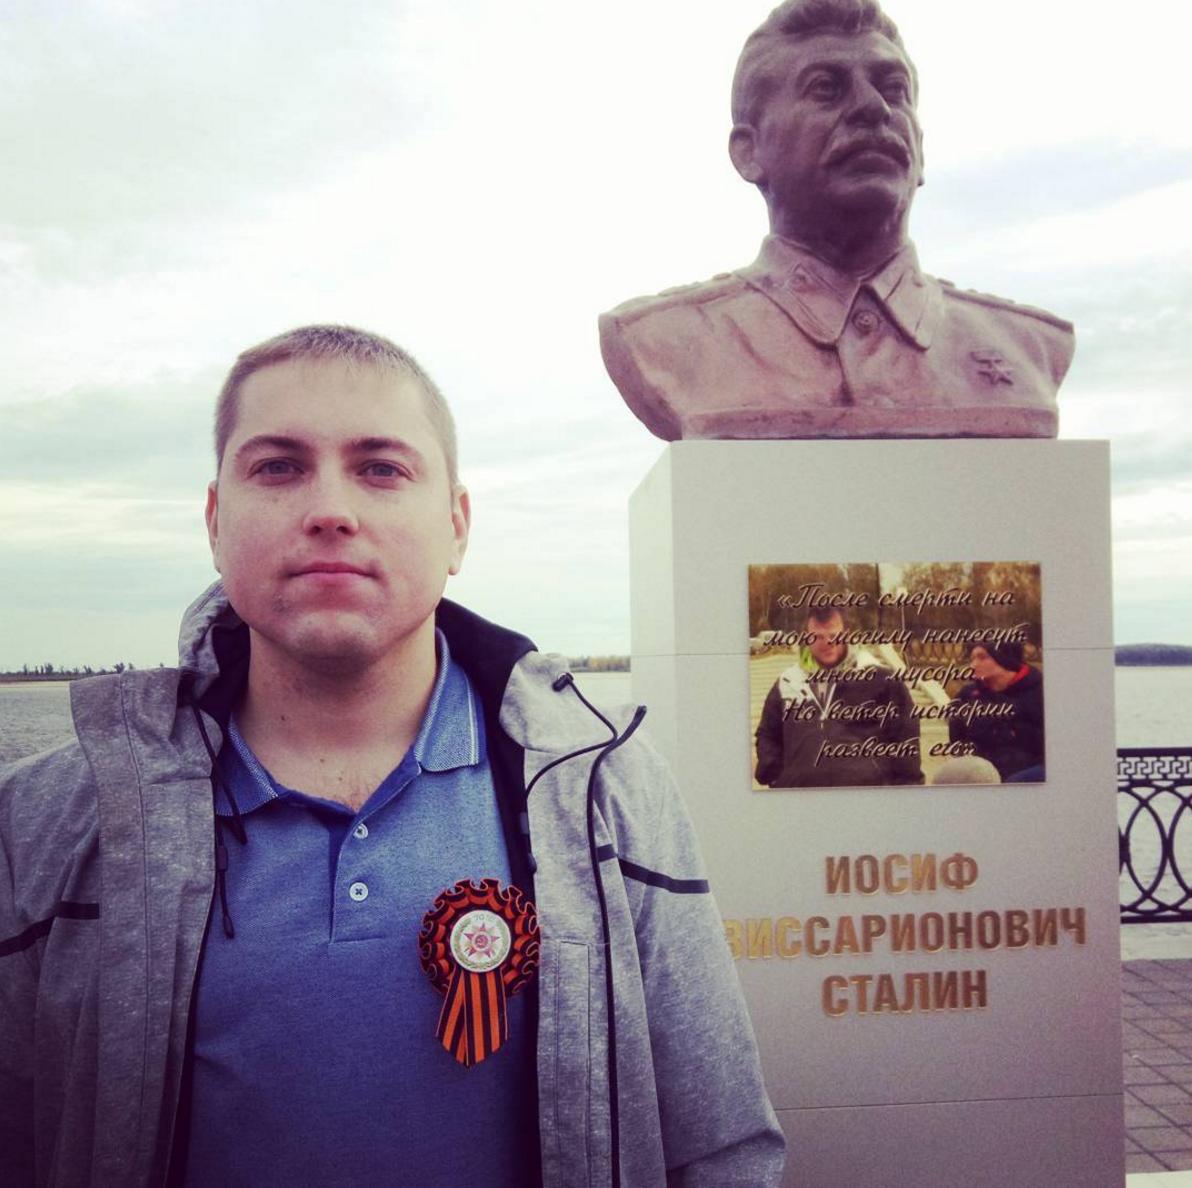 Денис Ханьжин. Фото: личная страница в Instagram